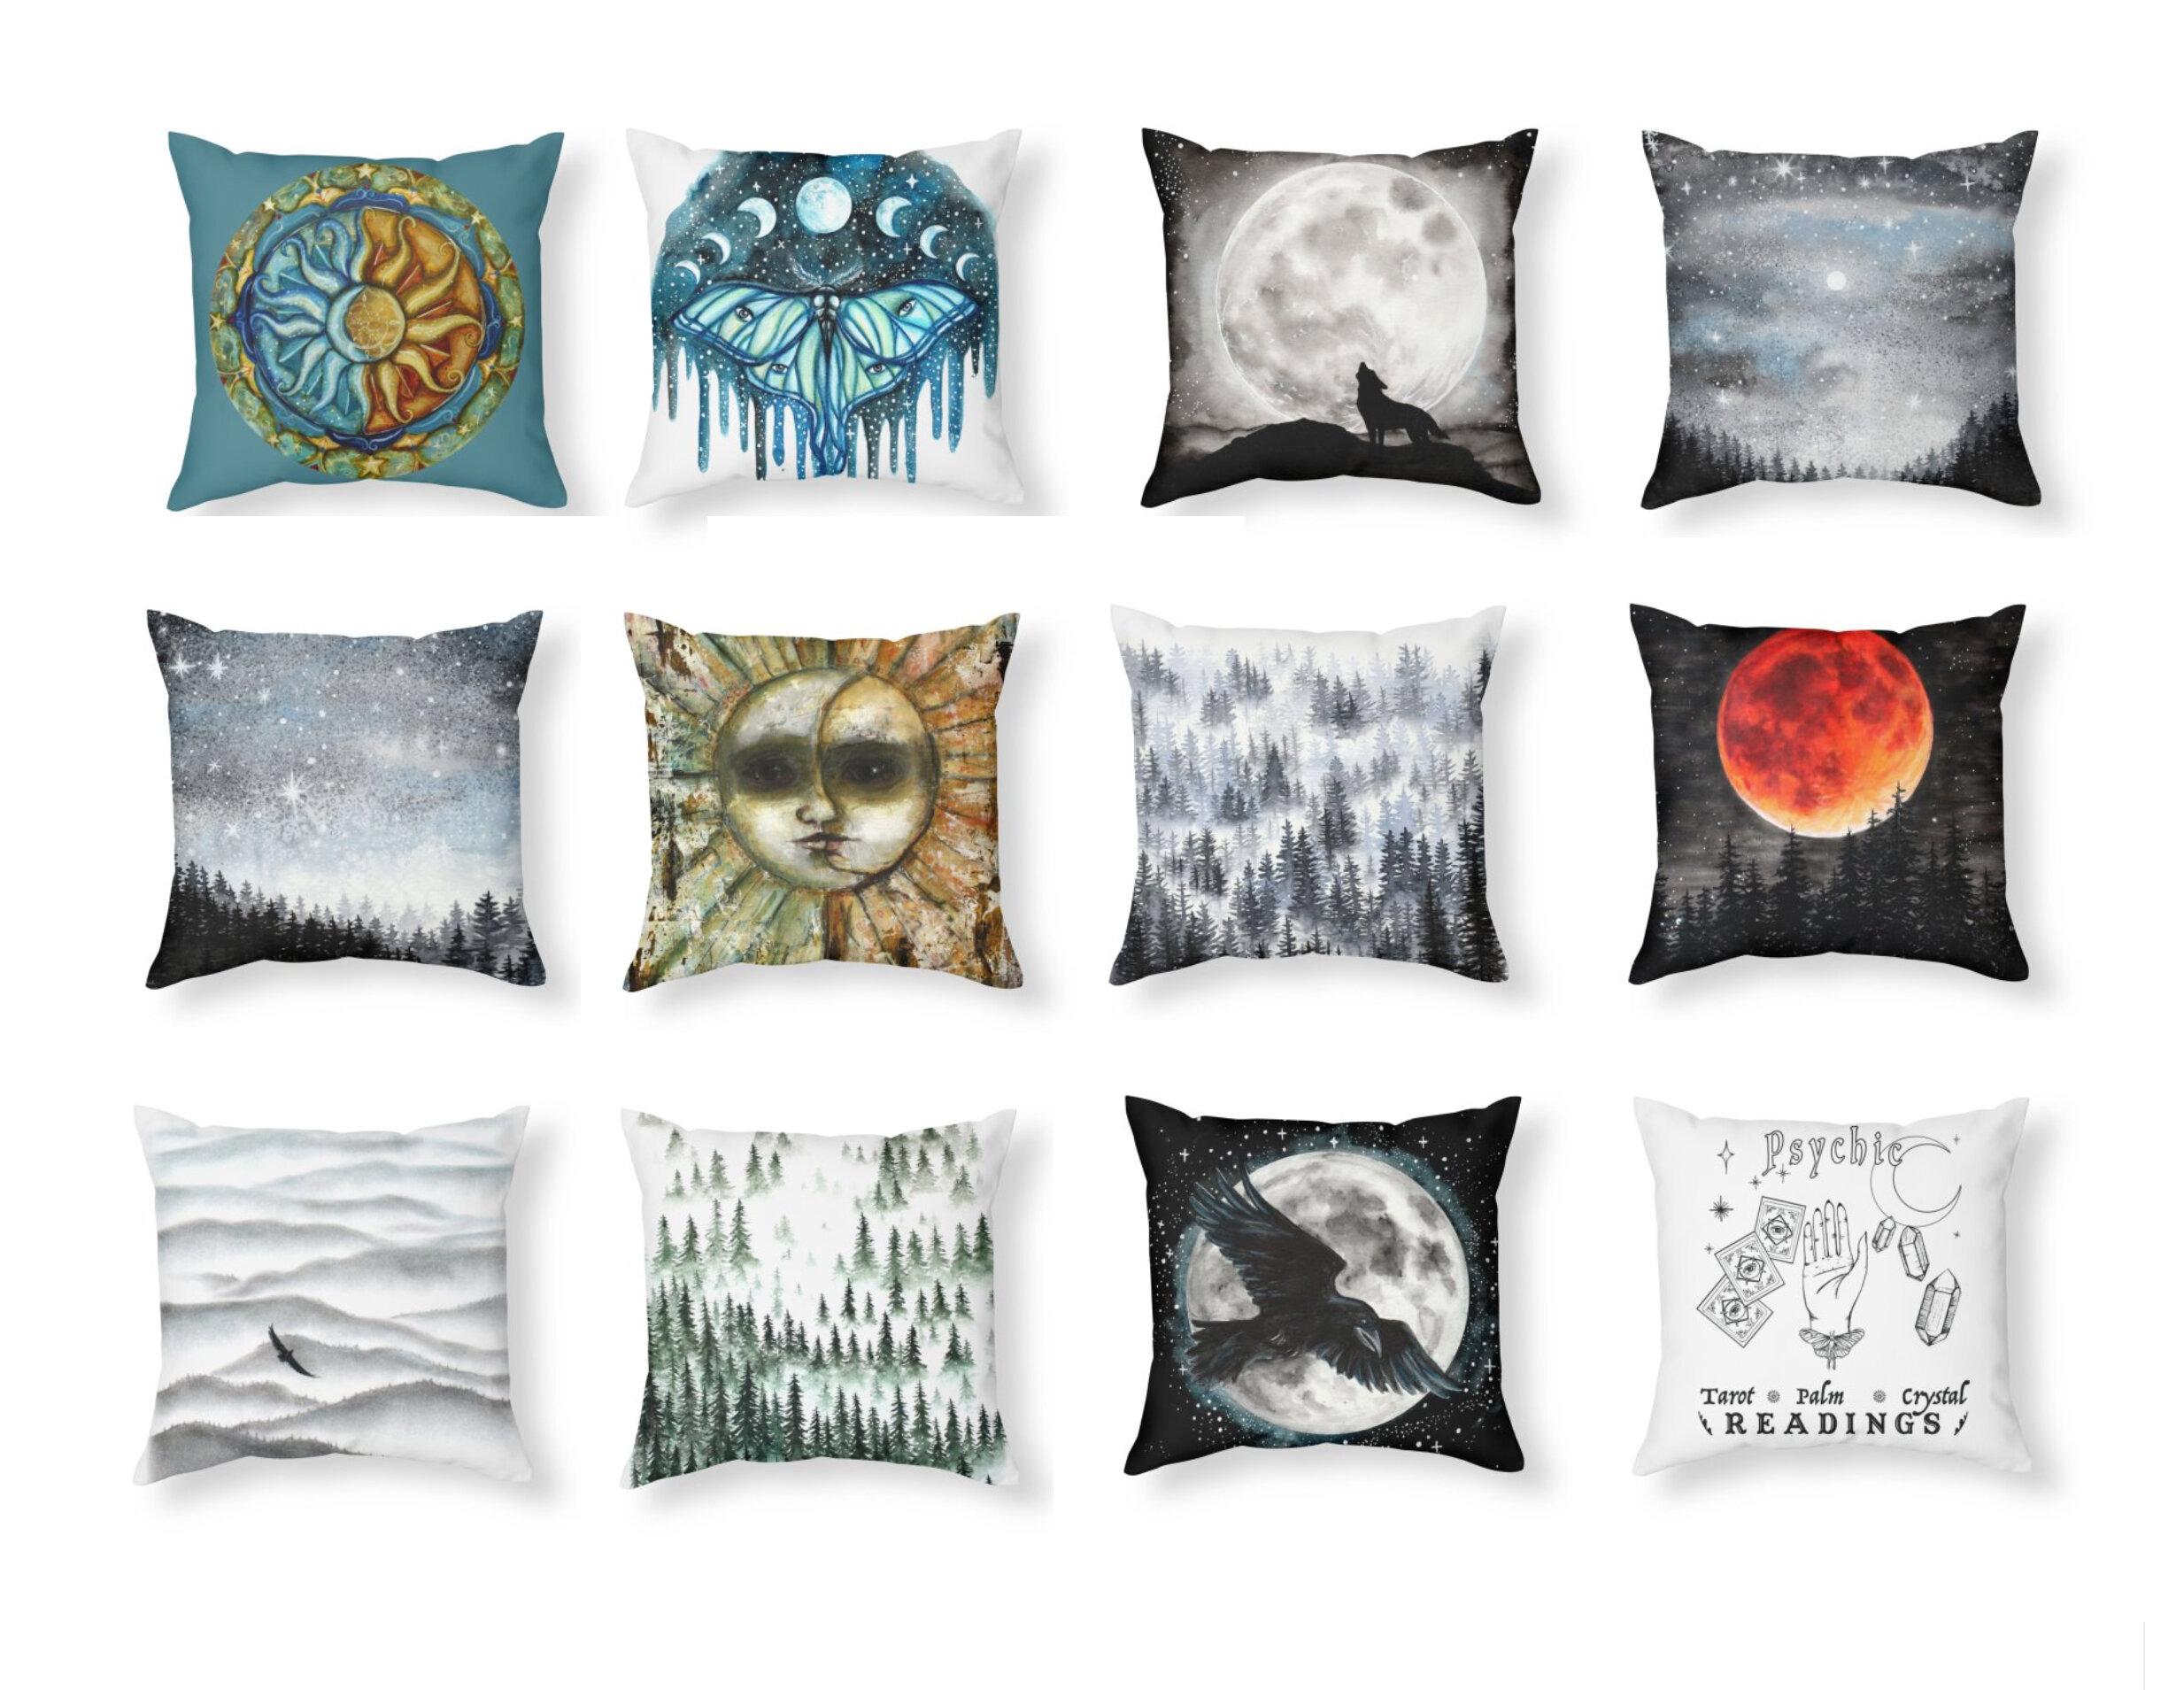 Tree Talker Art Shop Update New Pillows